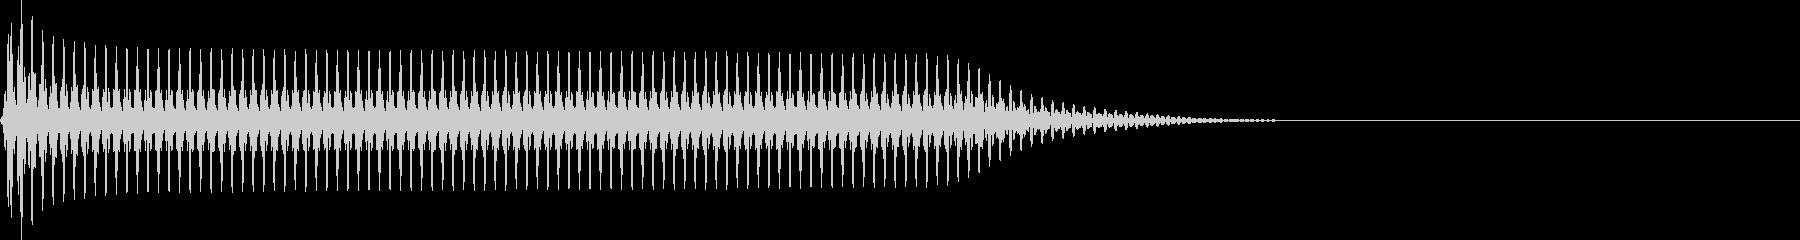 選択音 決定音 シンプル A09の未再生の波形